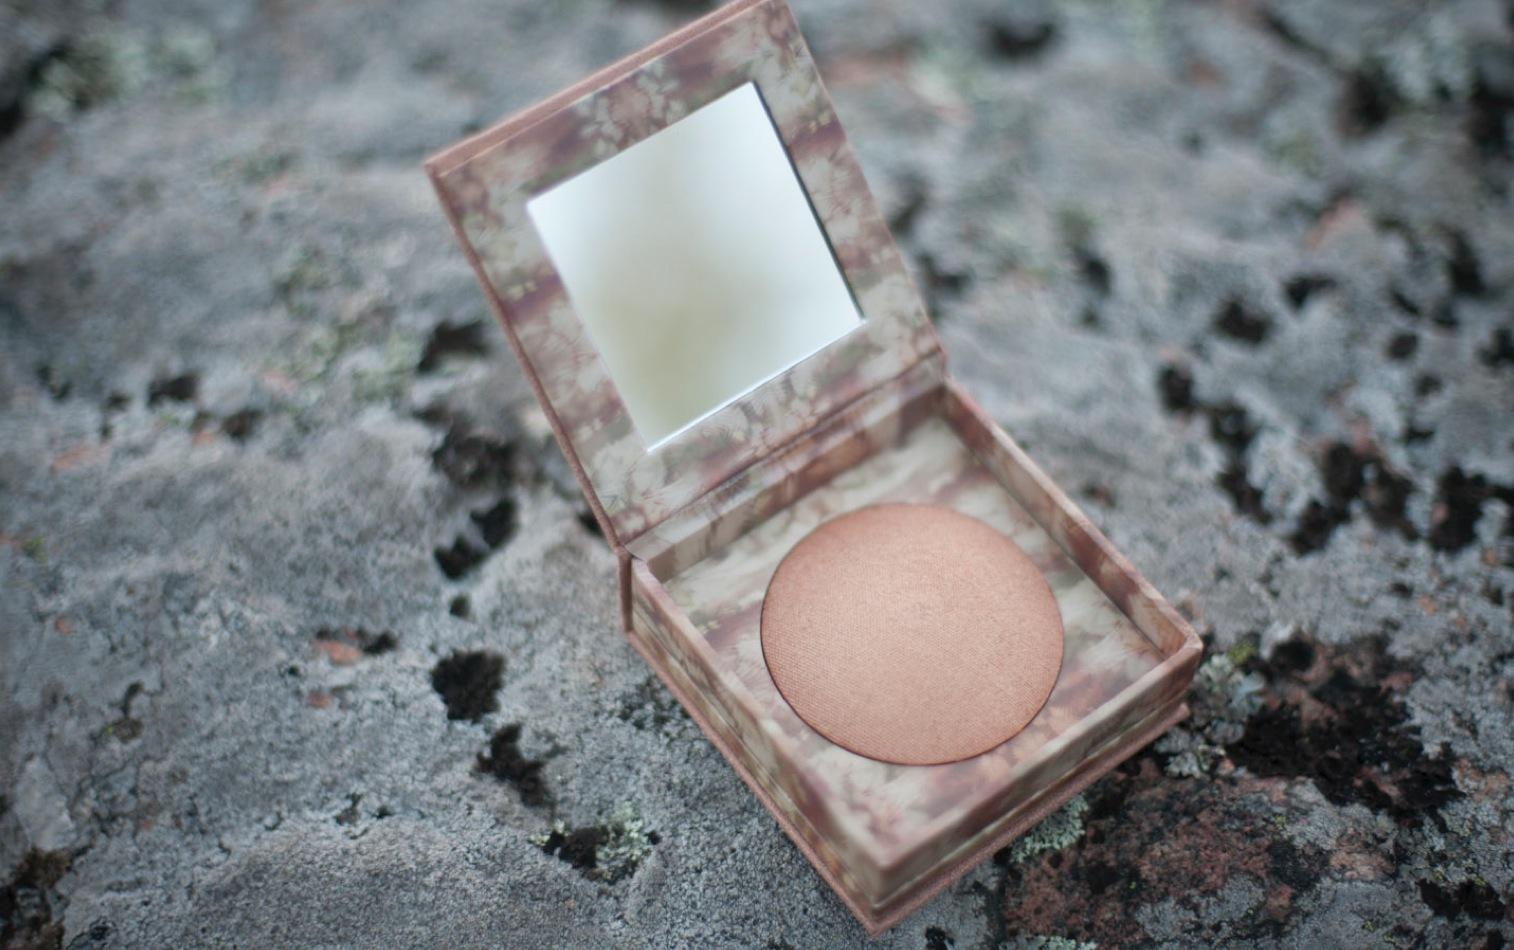 Urban Decays Naked Illuminated shimmering powder är ugnsbakade i 22 timmar. Kan användas både torr och lätt fuktad.